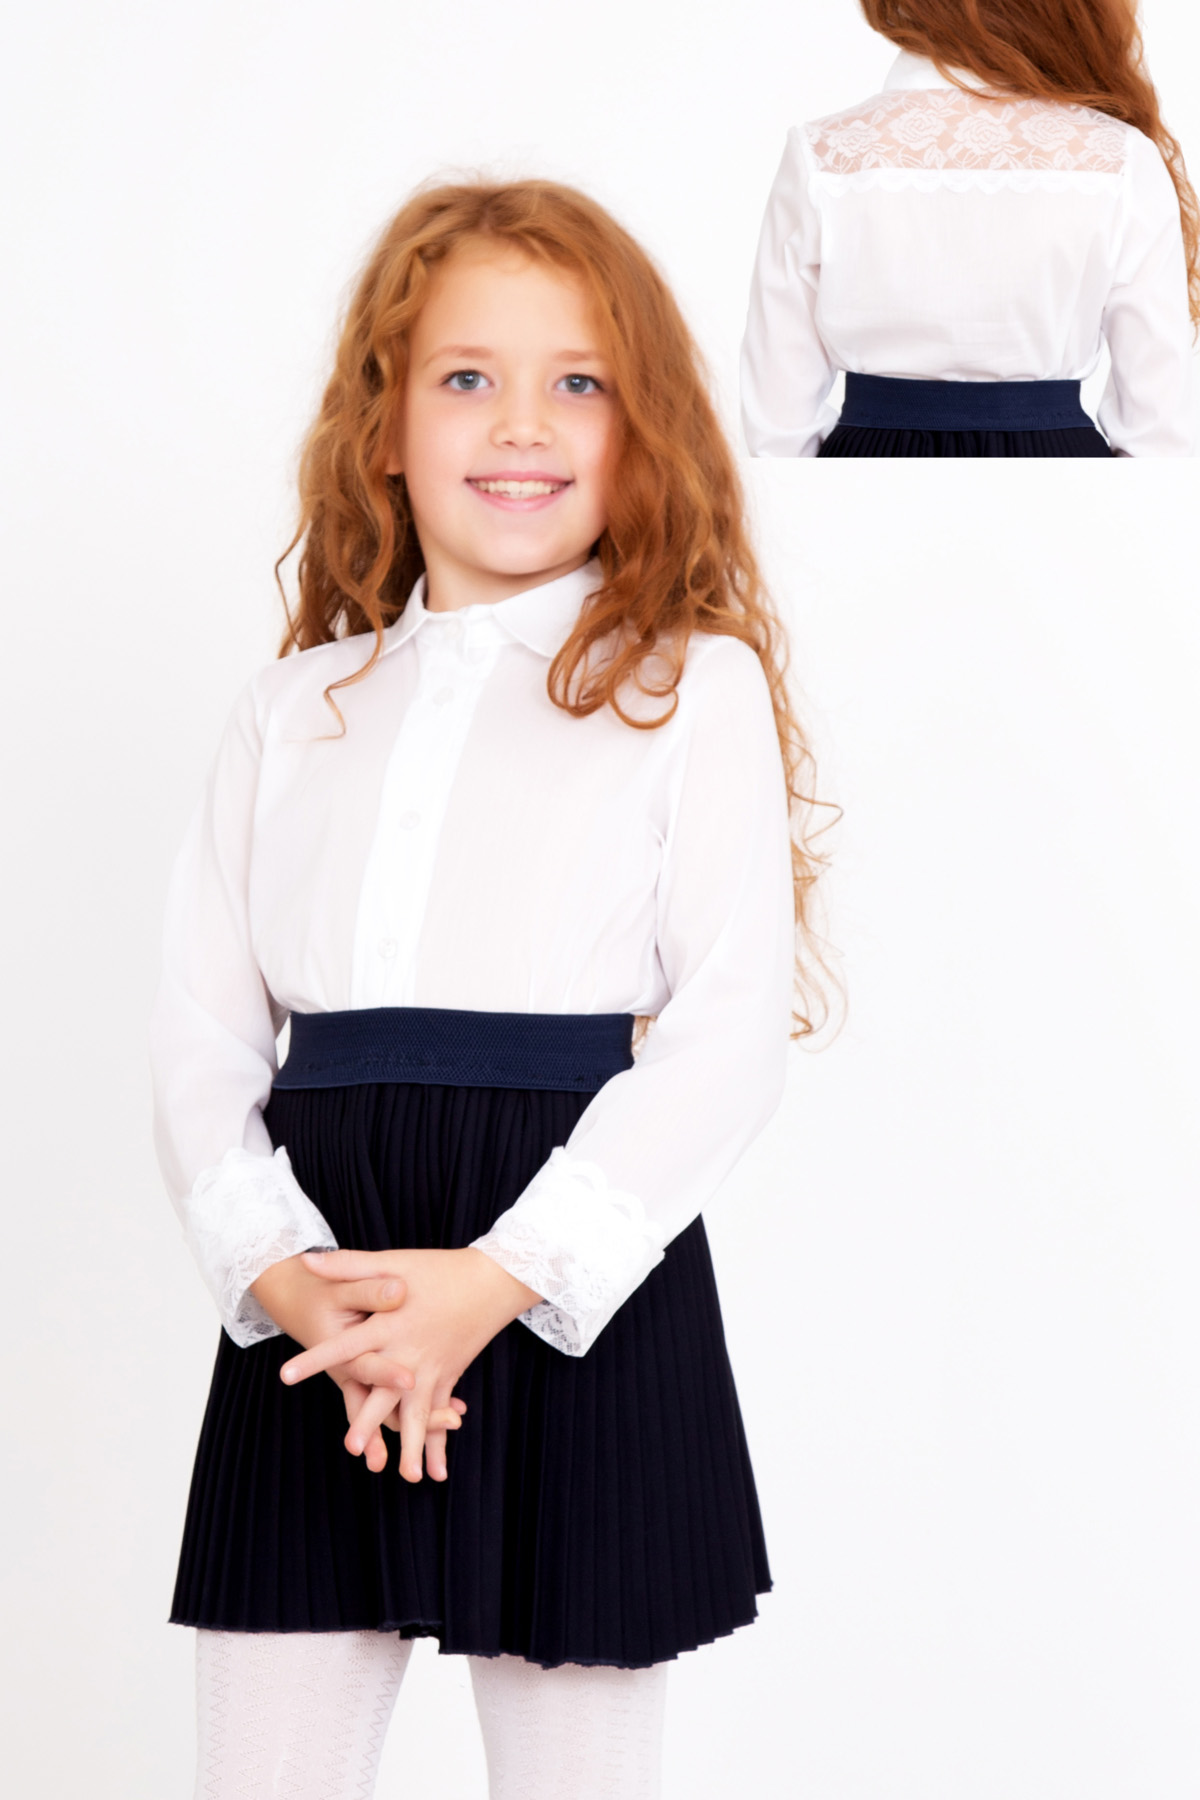 Дет. блуза Школьная р. 32Толстовки, джемпера и рубашки<br><br><br>Тип: Дет. блуза<br>Размер: 32<br>Материал: Штапель